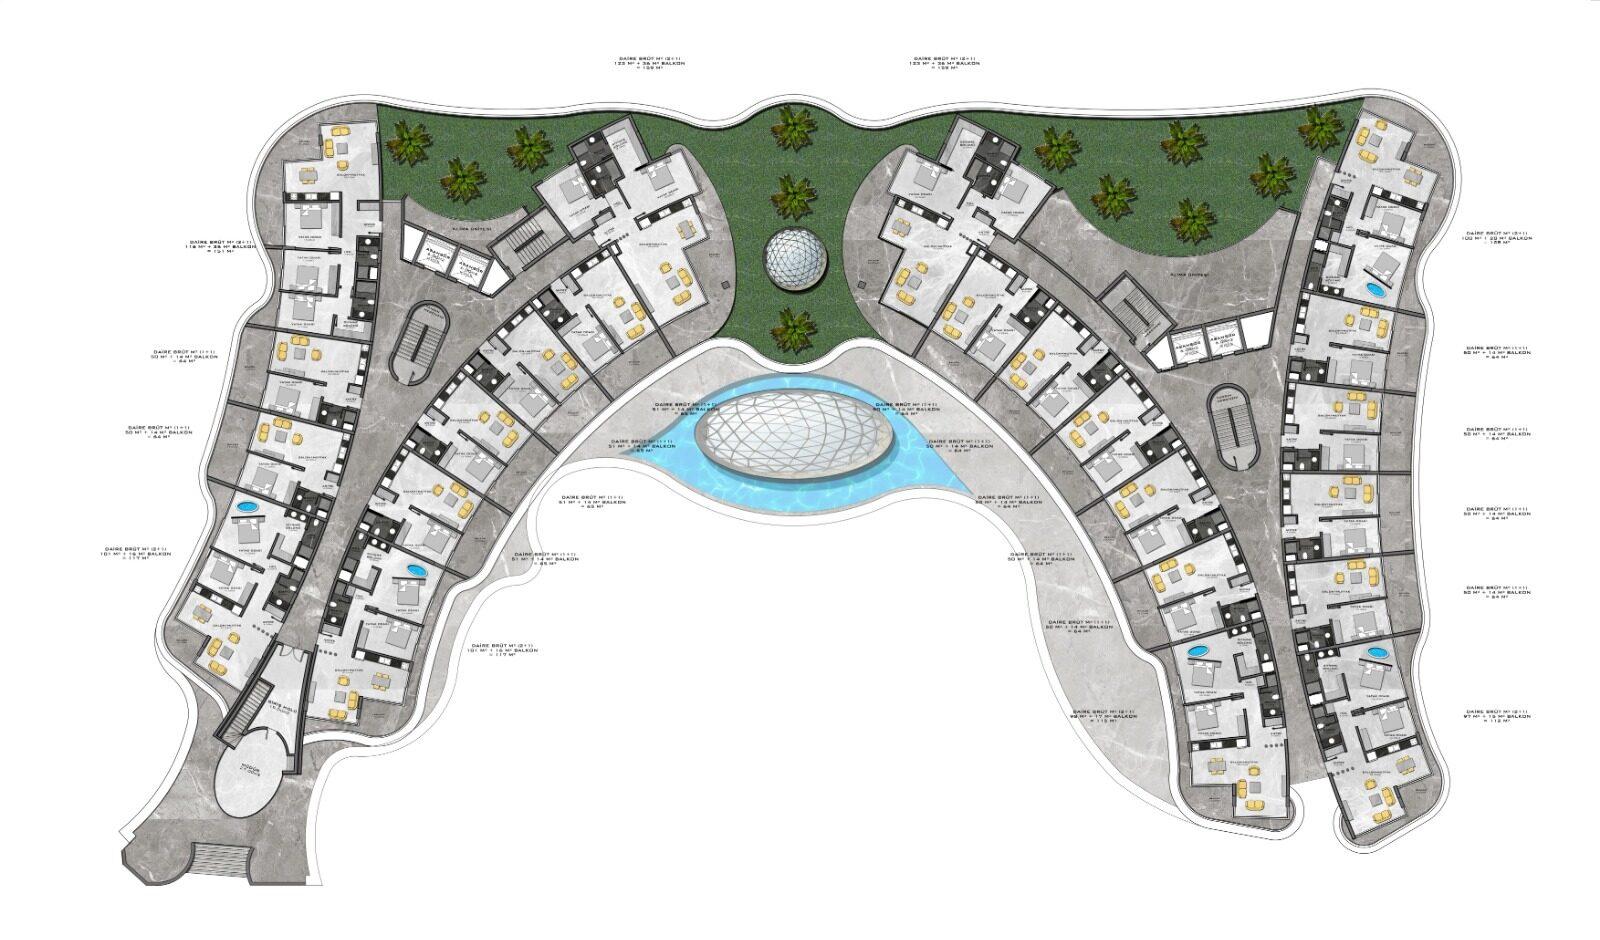 Plan of 1st floor